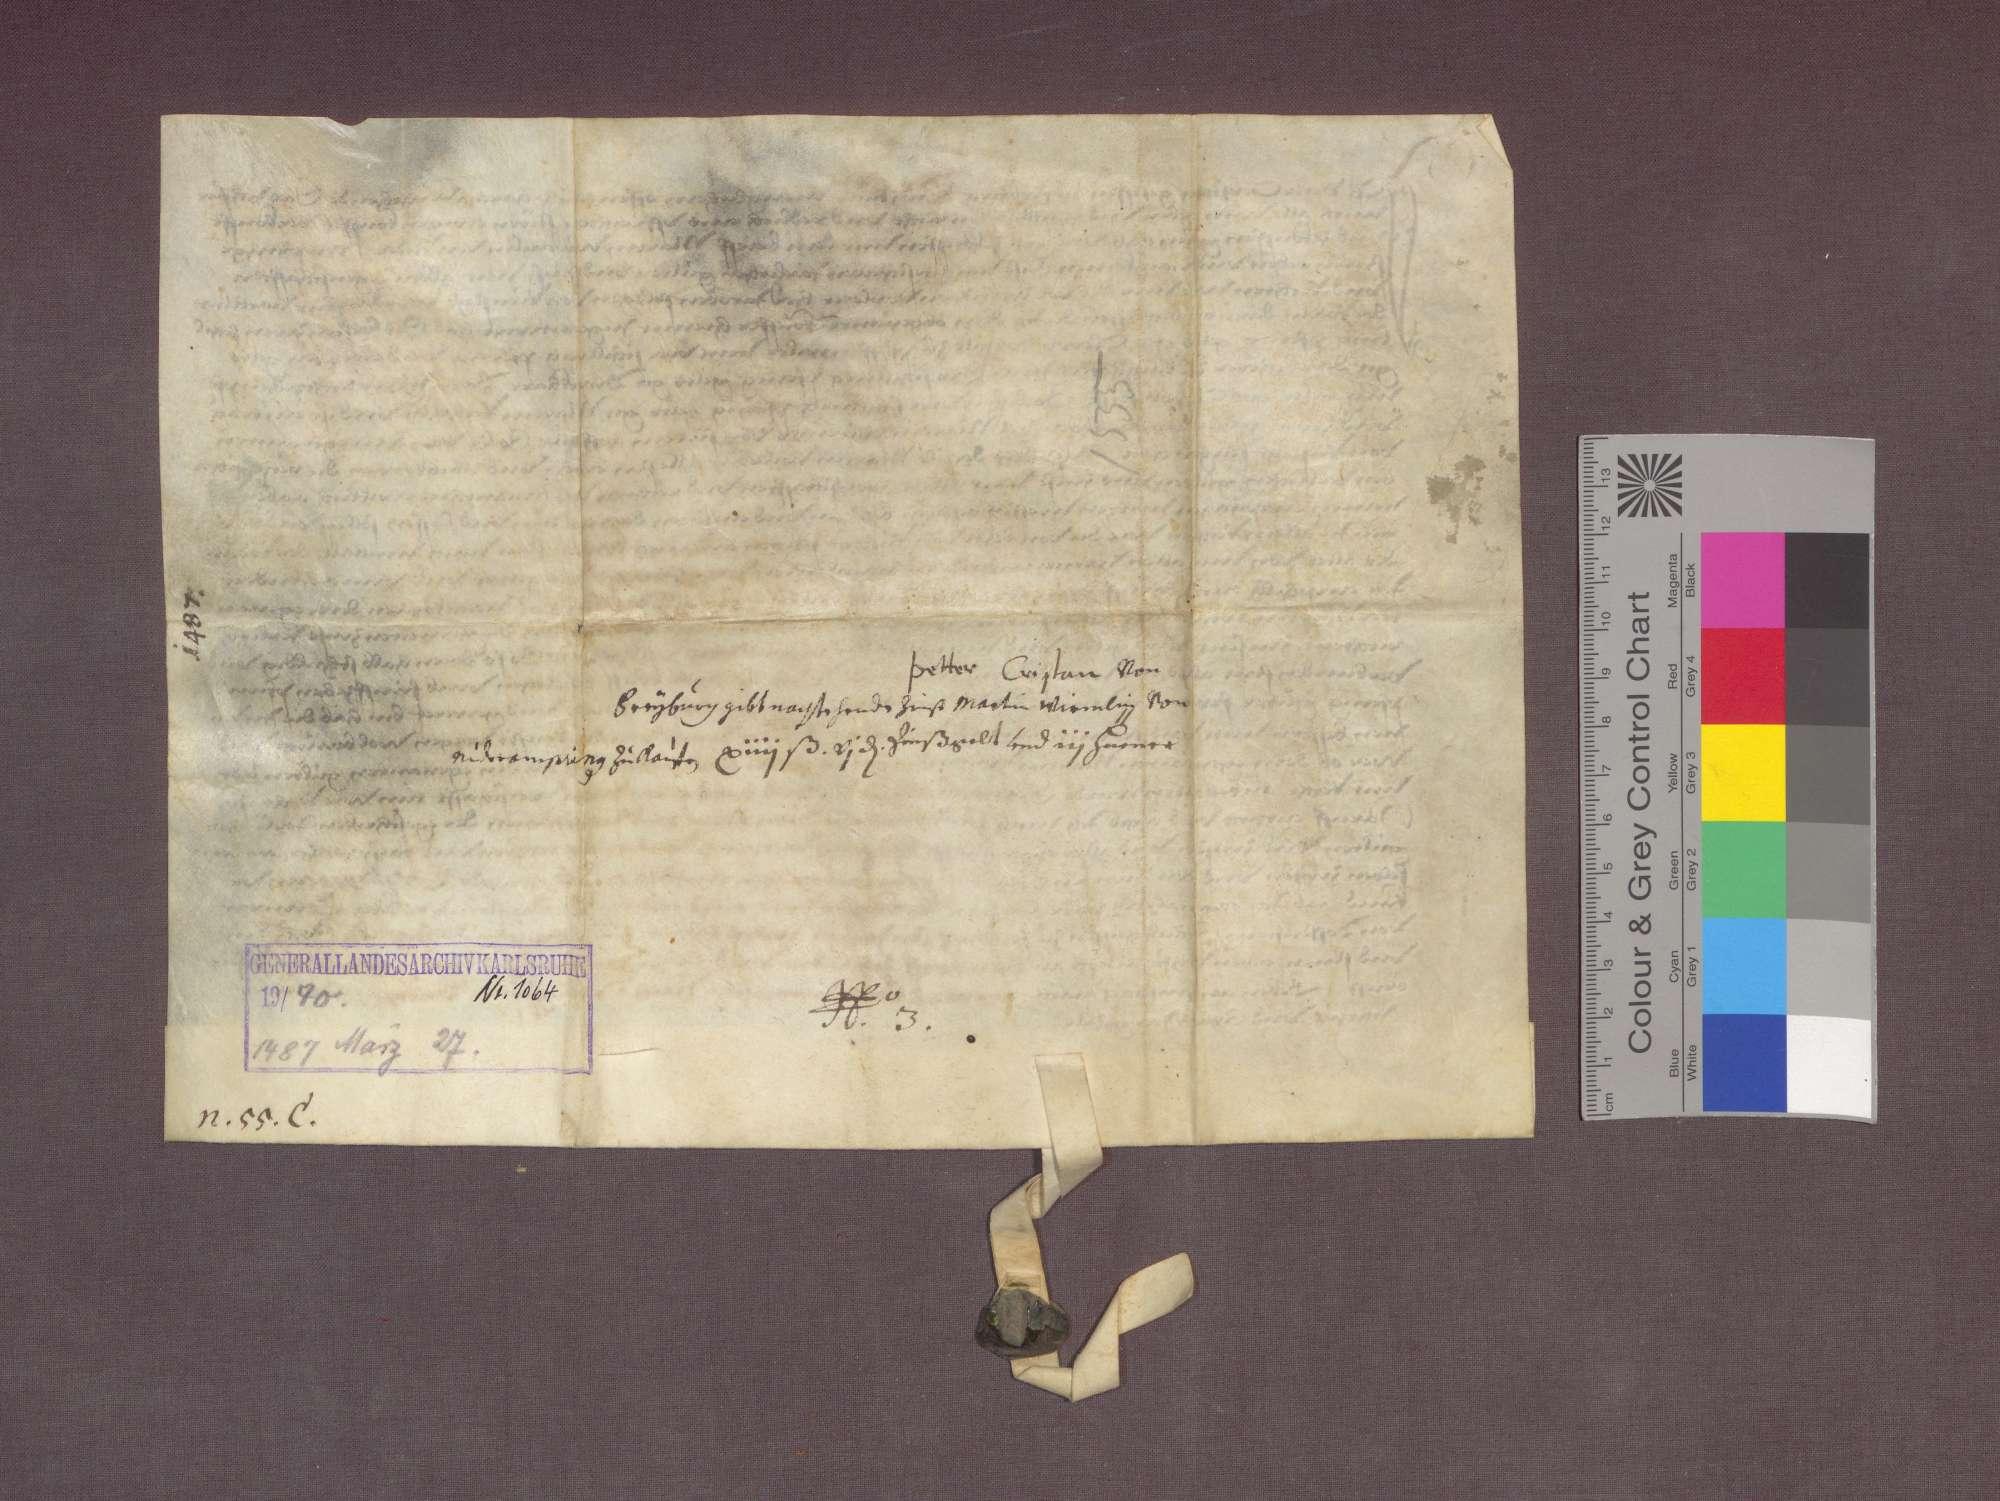 Peter Crystan zu Freiburg verkauft an Martin Würmlin zu Niederambringen Gülten zu Pfaffenweiler und Kirchhofen., Bild 2